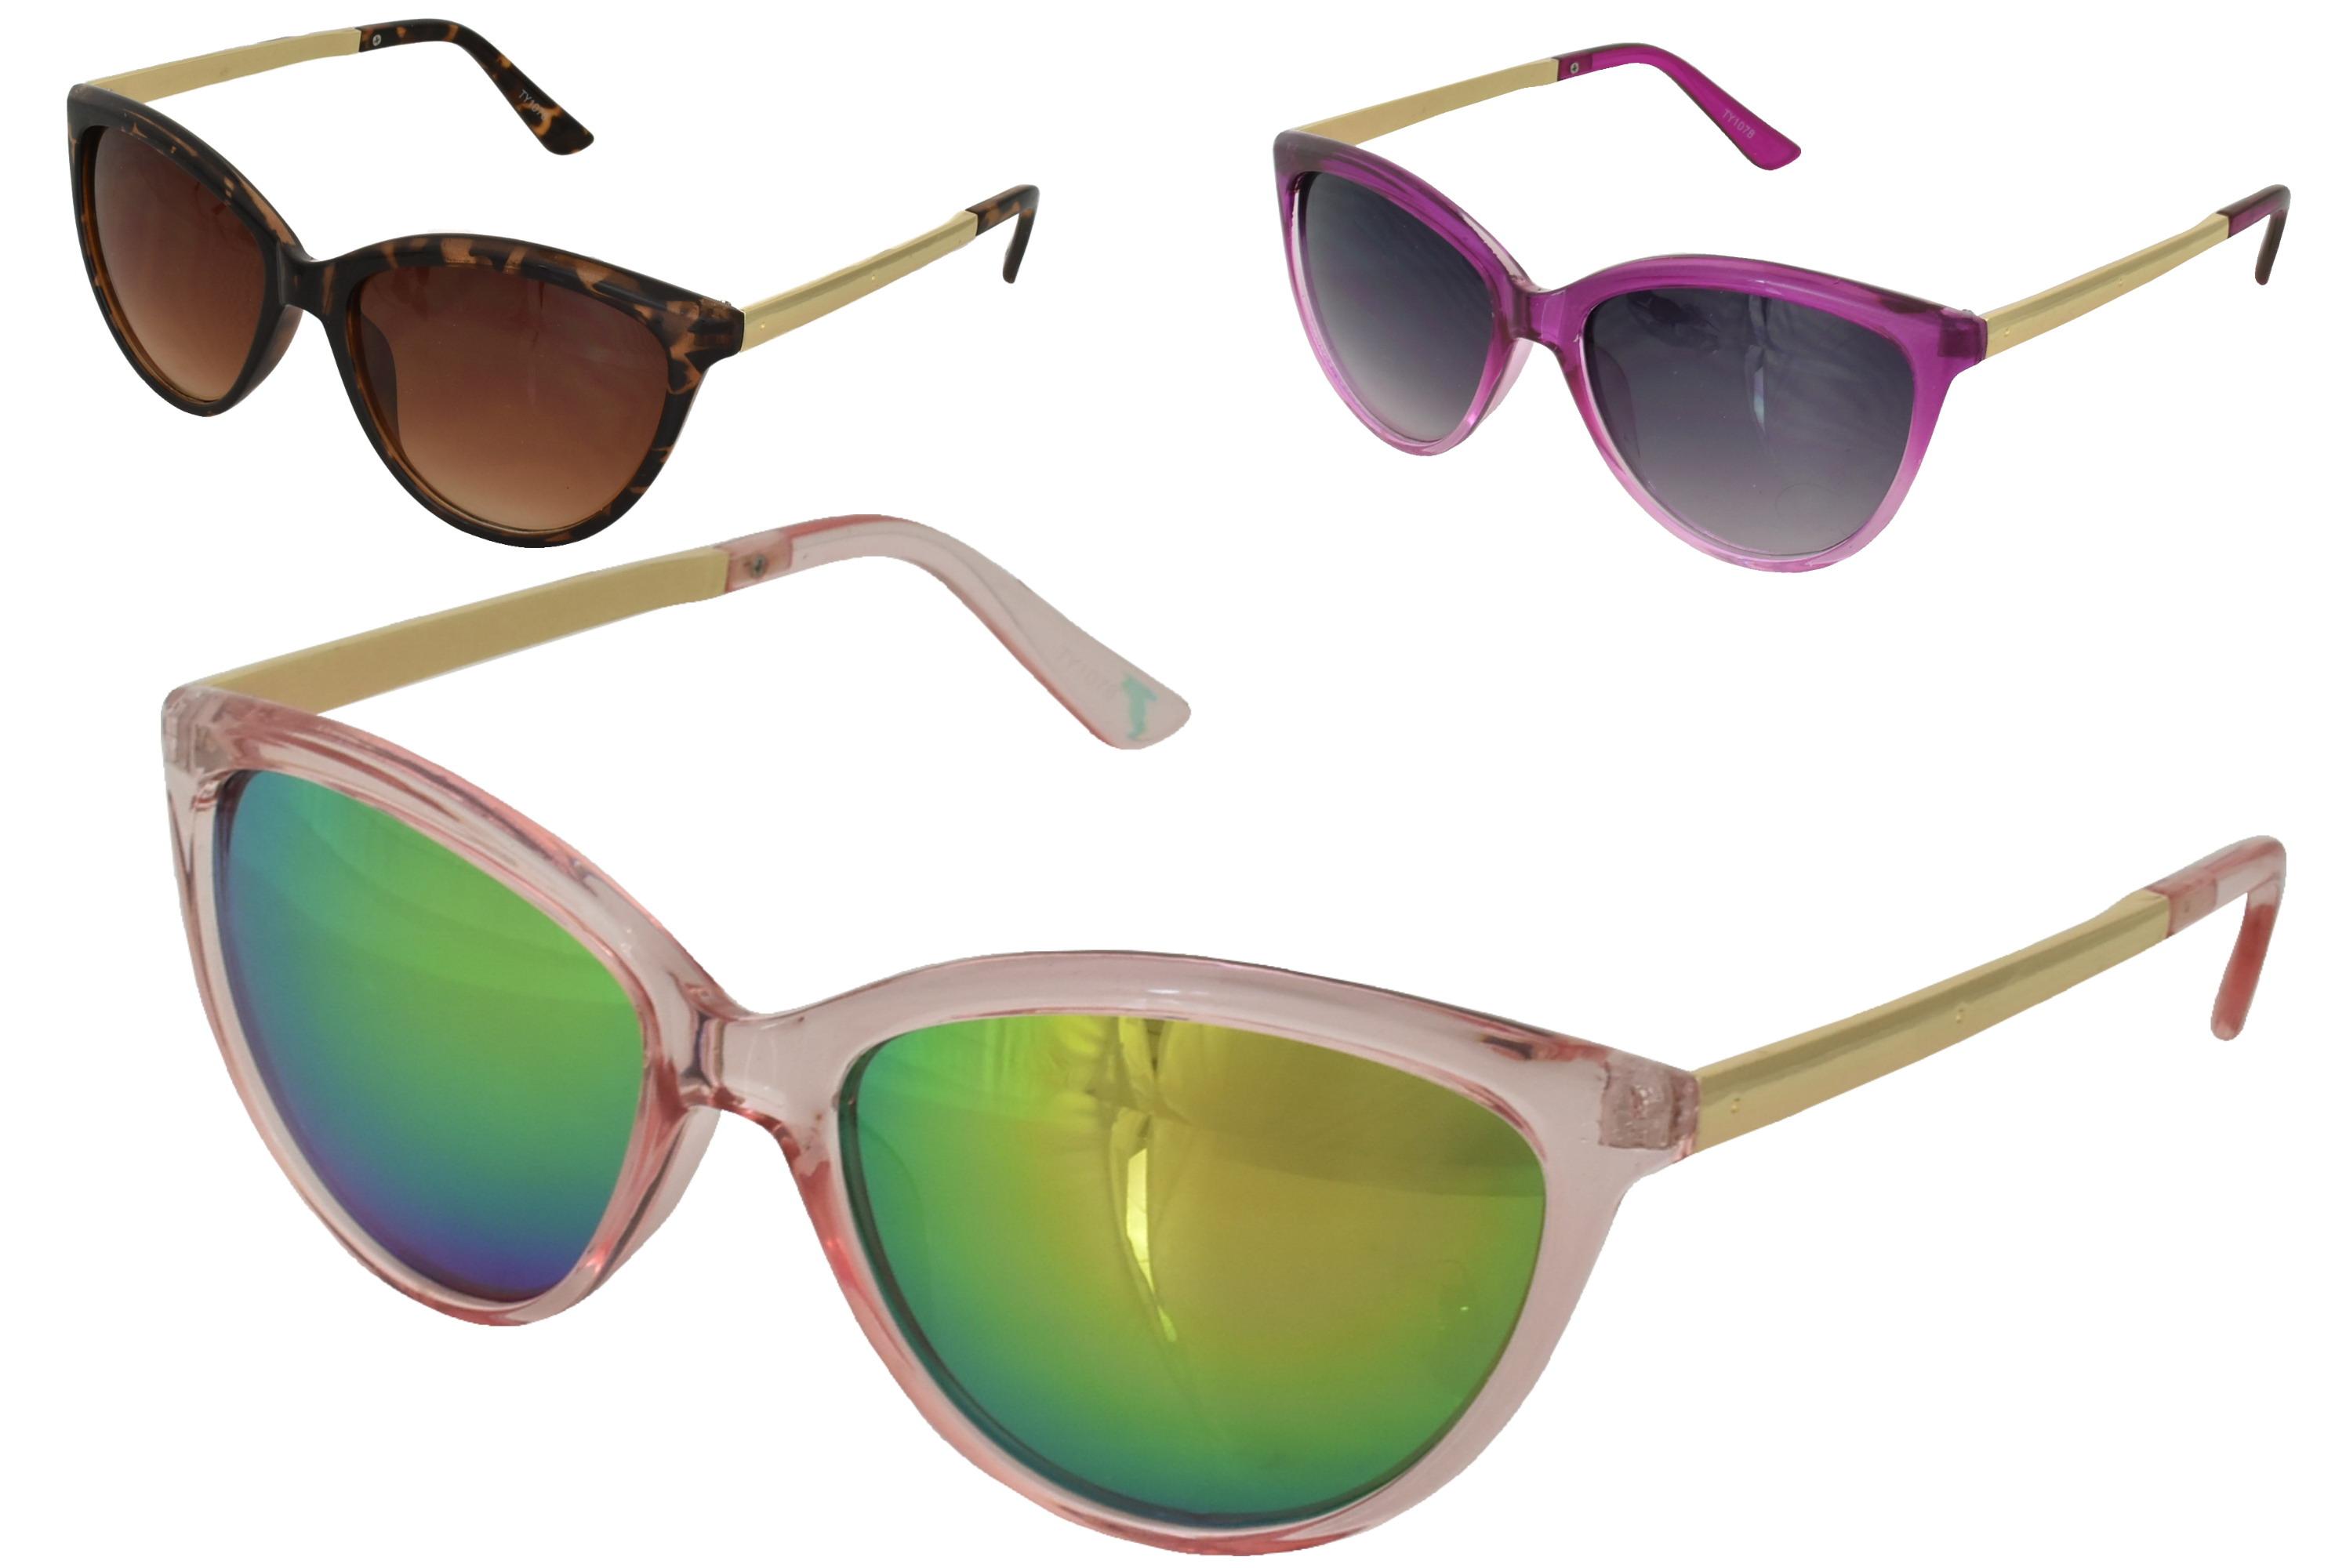 Ladies Plastic Transparent Frame Large Sunglasses 3 Ast